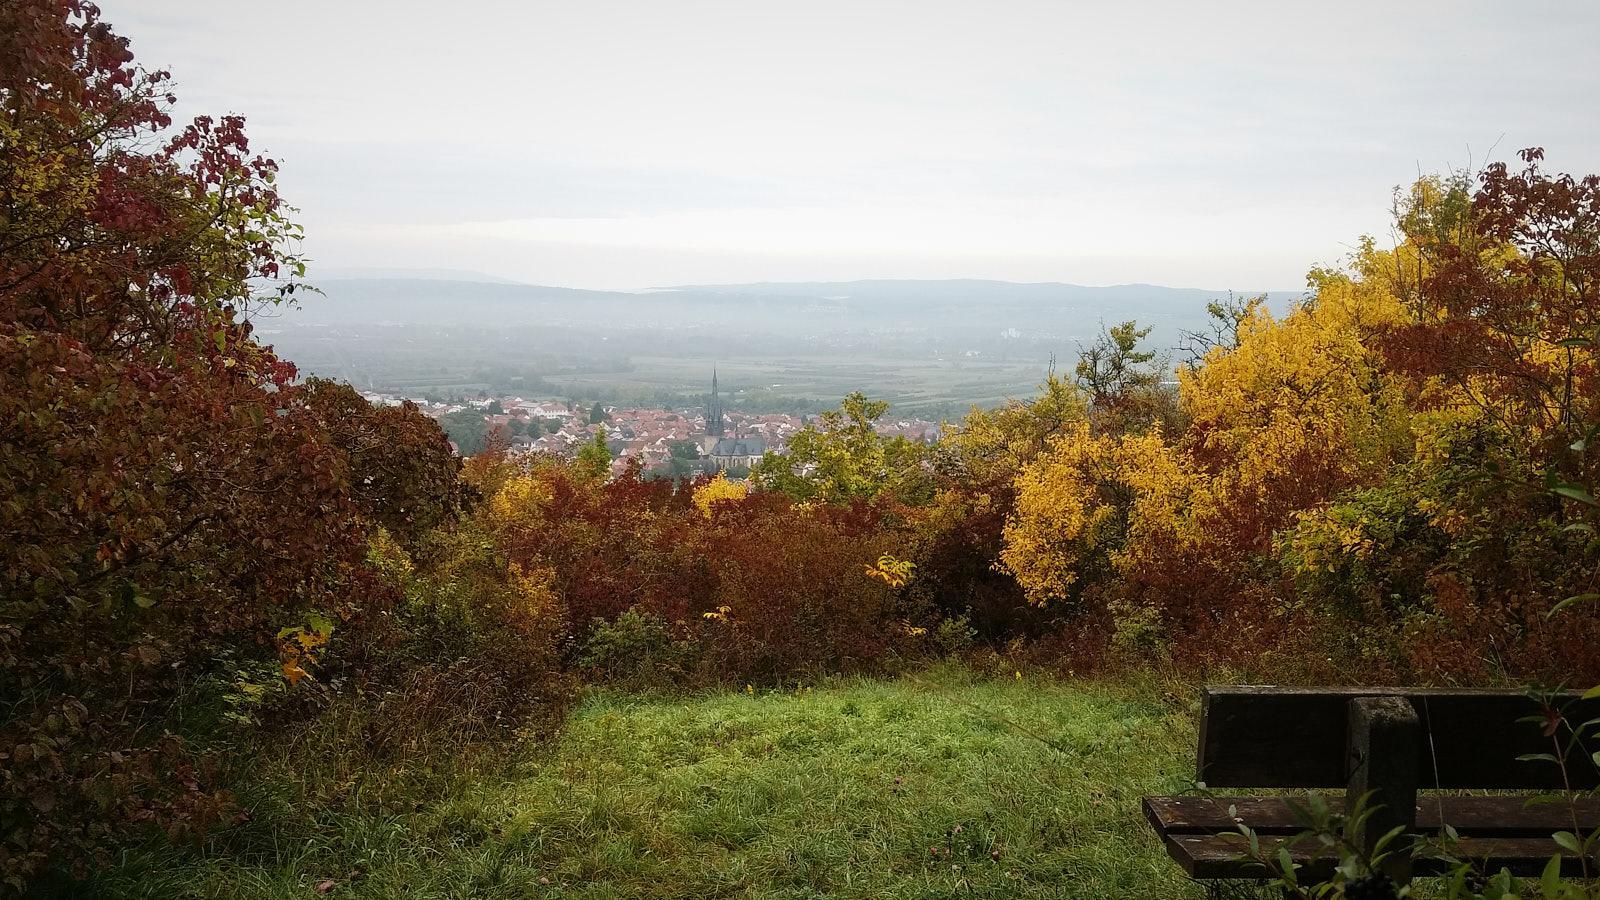 Hiwweltour Bismarckturm Ingelheim – gejoggt und nicht gewandert